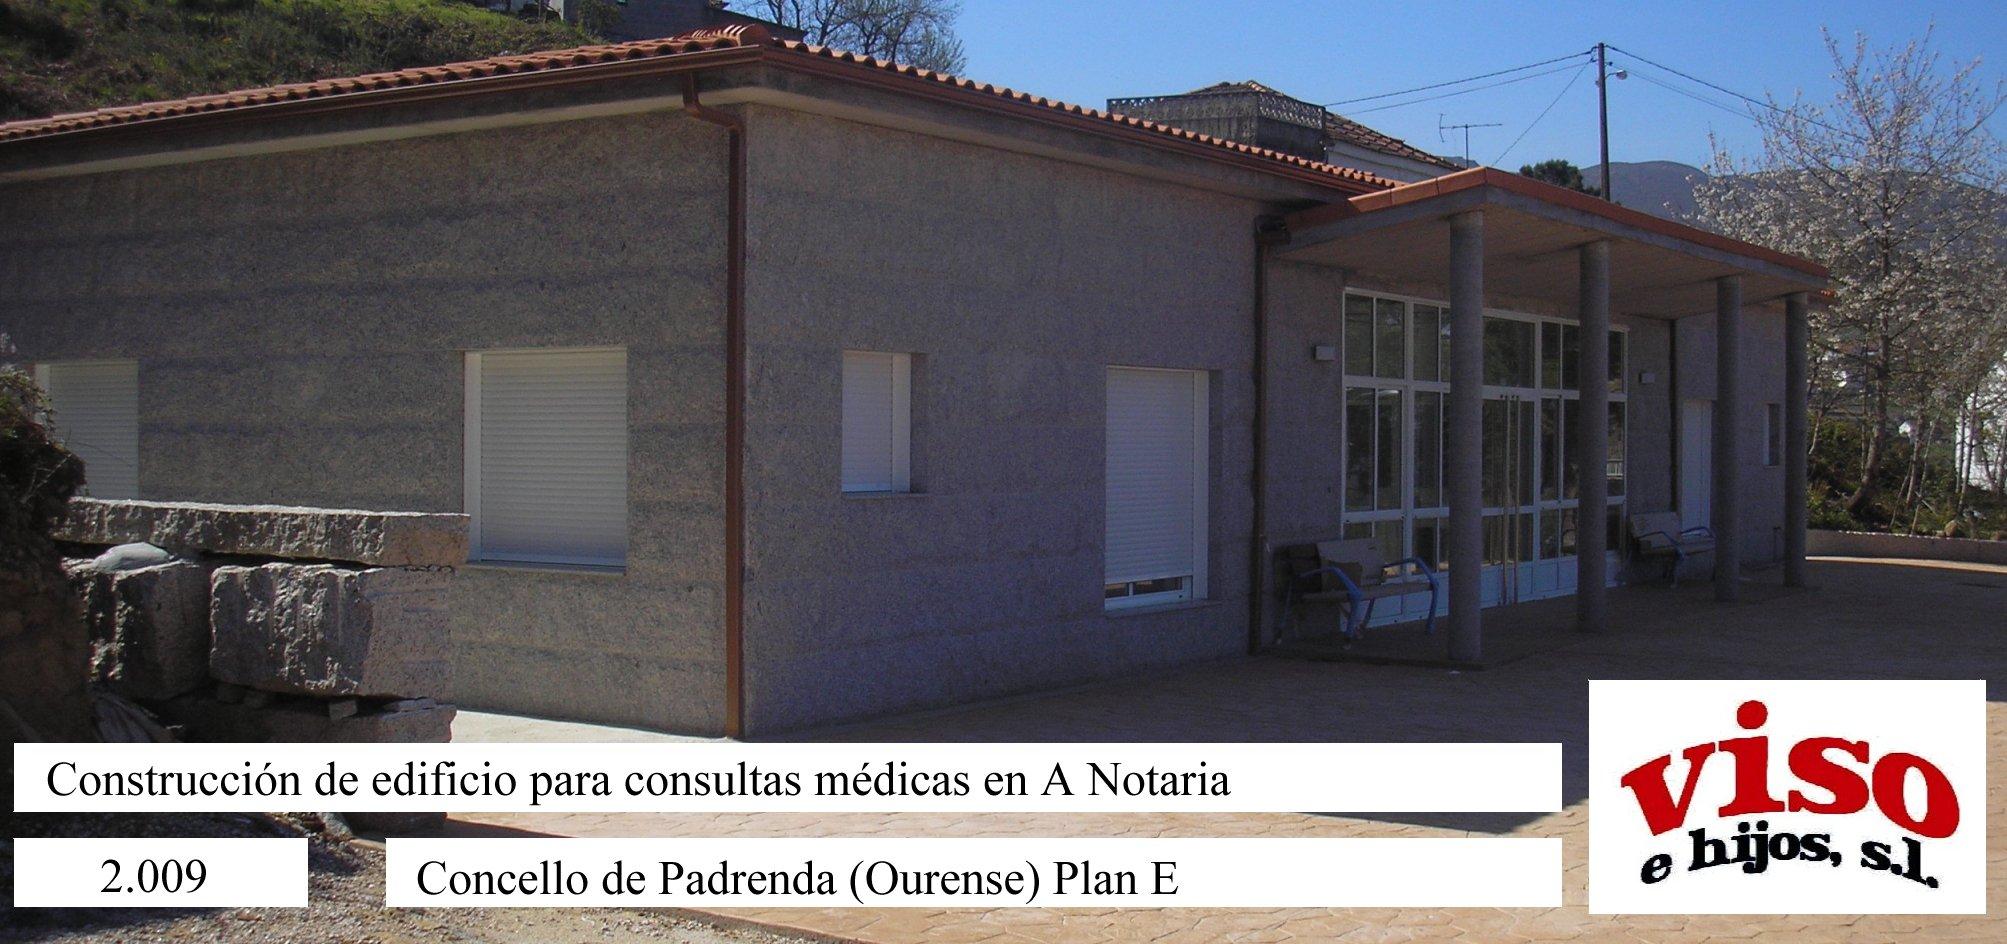 2009 Concello Padrenda PlanE Edificio